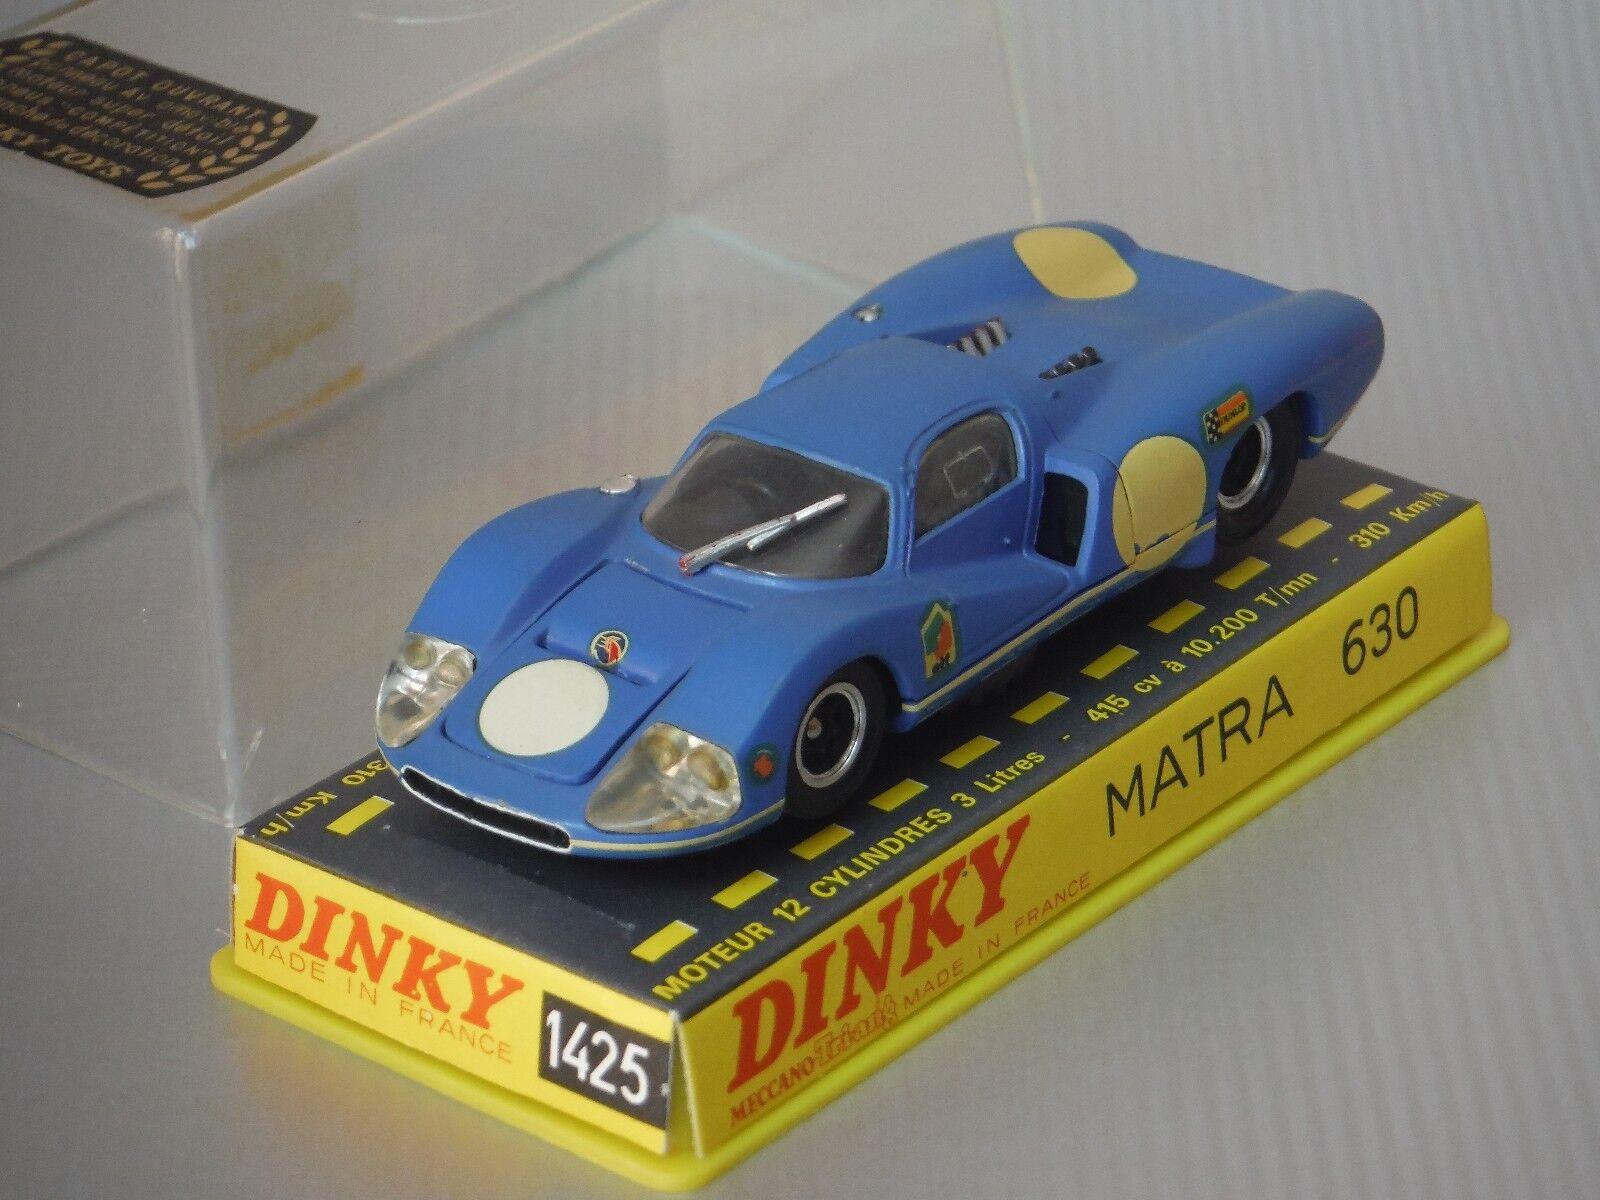 DINKY TOYS ART.1425 1 43 MATRA 630 630 630 V12 - PERFETTA IN CONFEZIONE ORIGINALE cf7a79